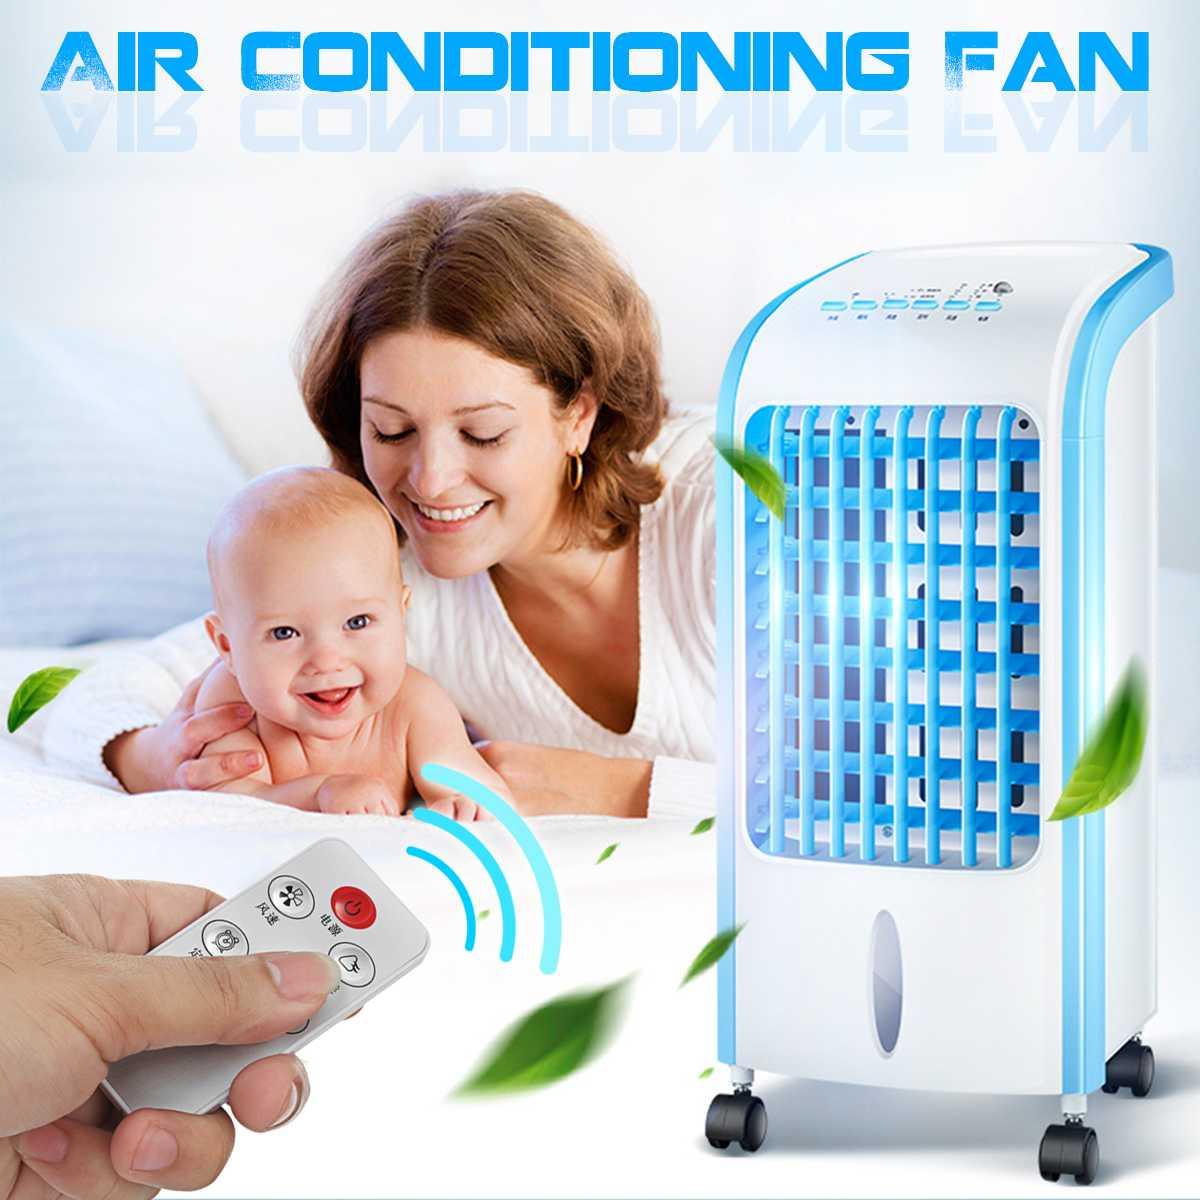 220 V Portable climatiseur ventilateur humidificateur refroidisseur système de refroidissement par eau climatiseur électrique mécanique/télécommande